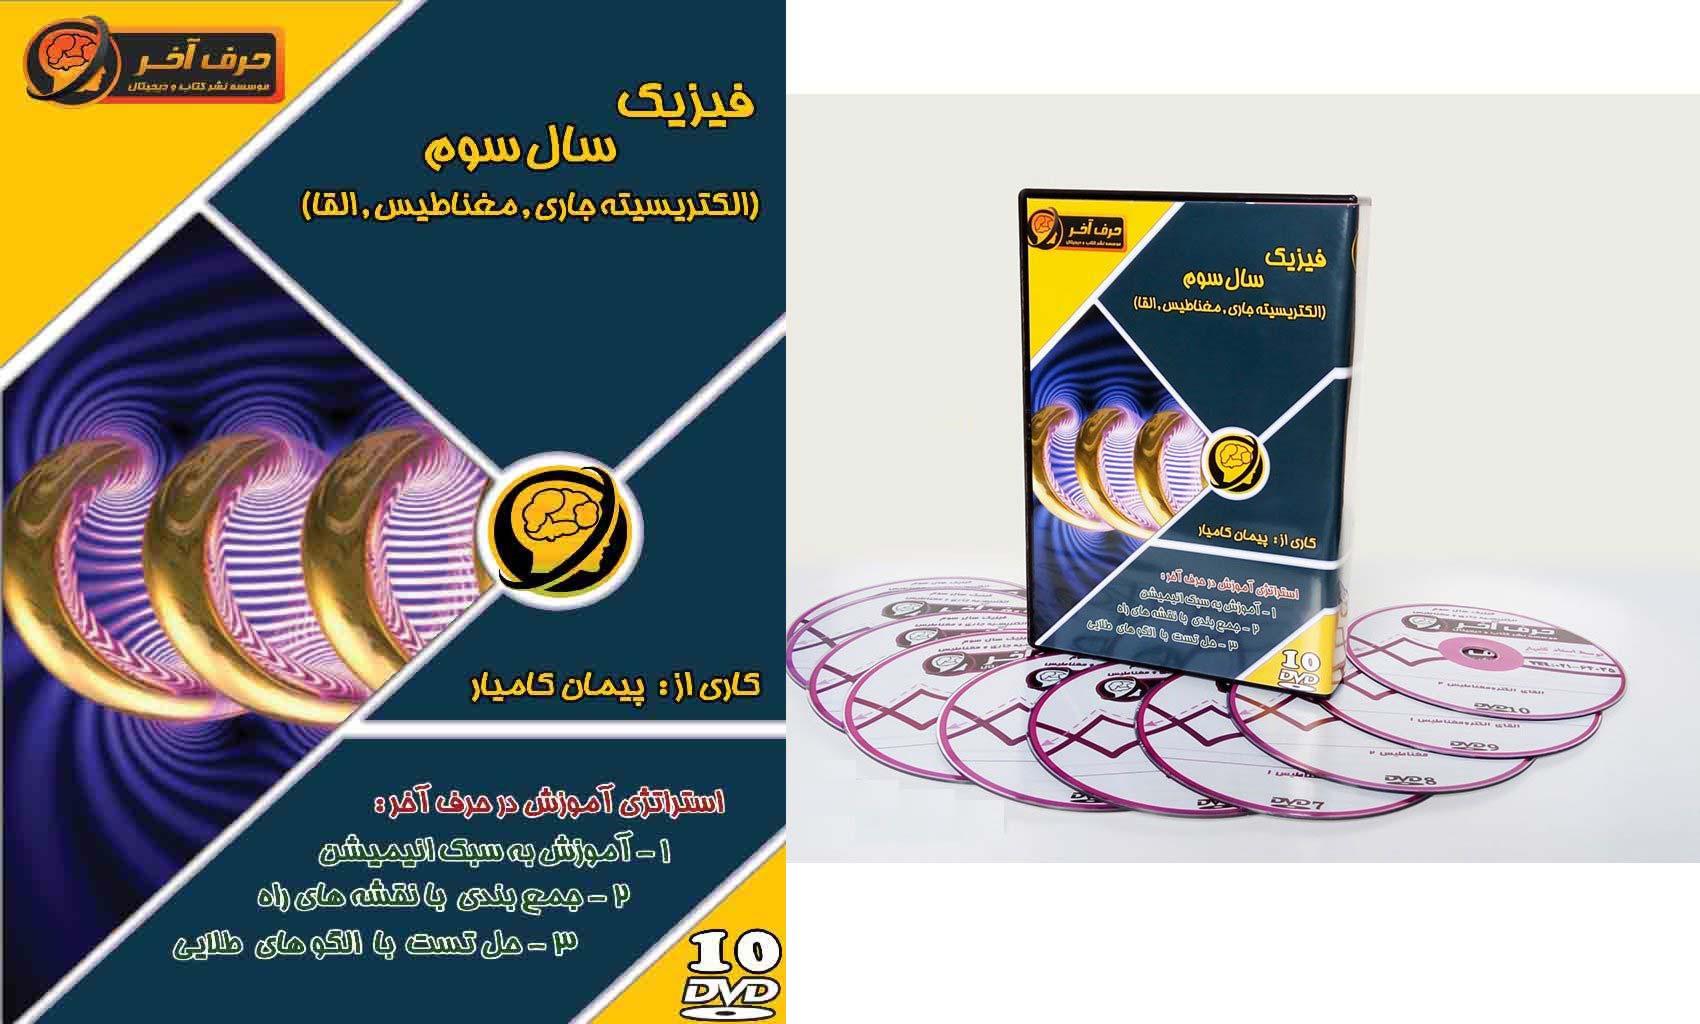 فیزیک سال سوم ( مدار و مغناطیس و الکترومغناطیس )